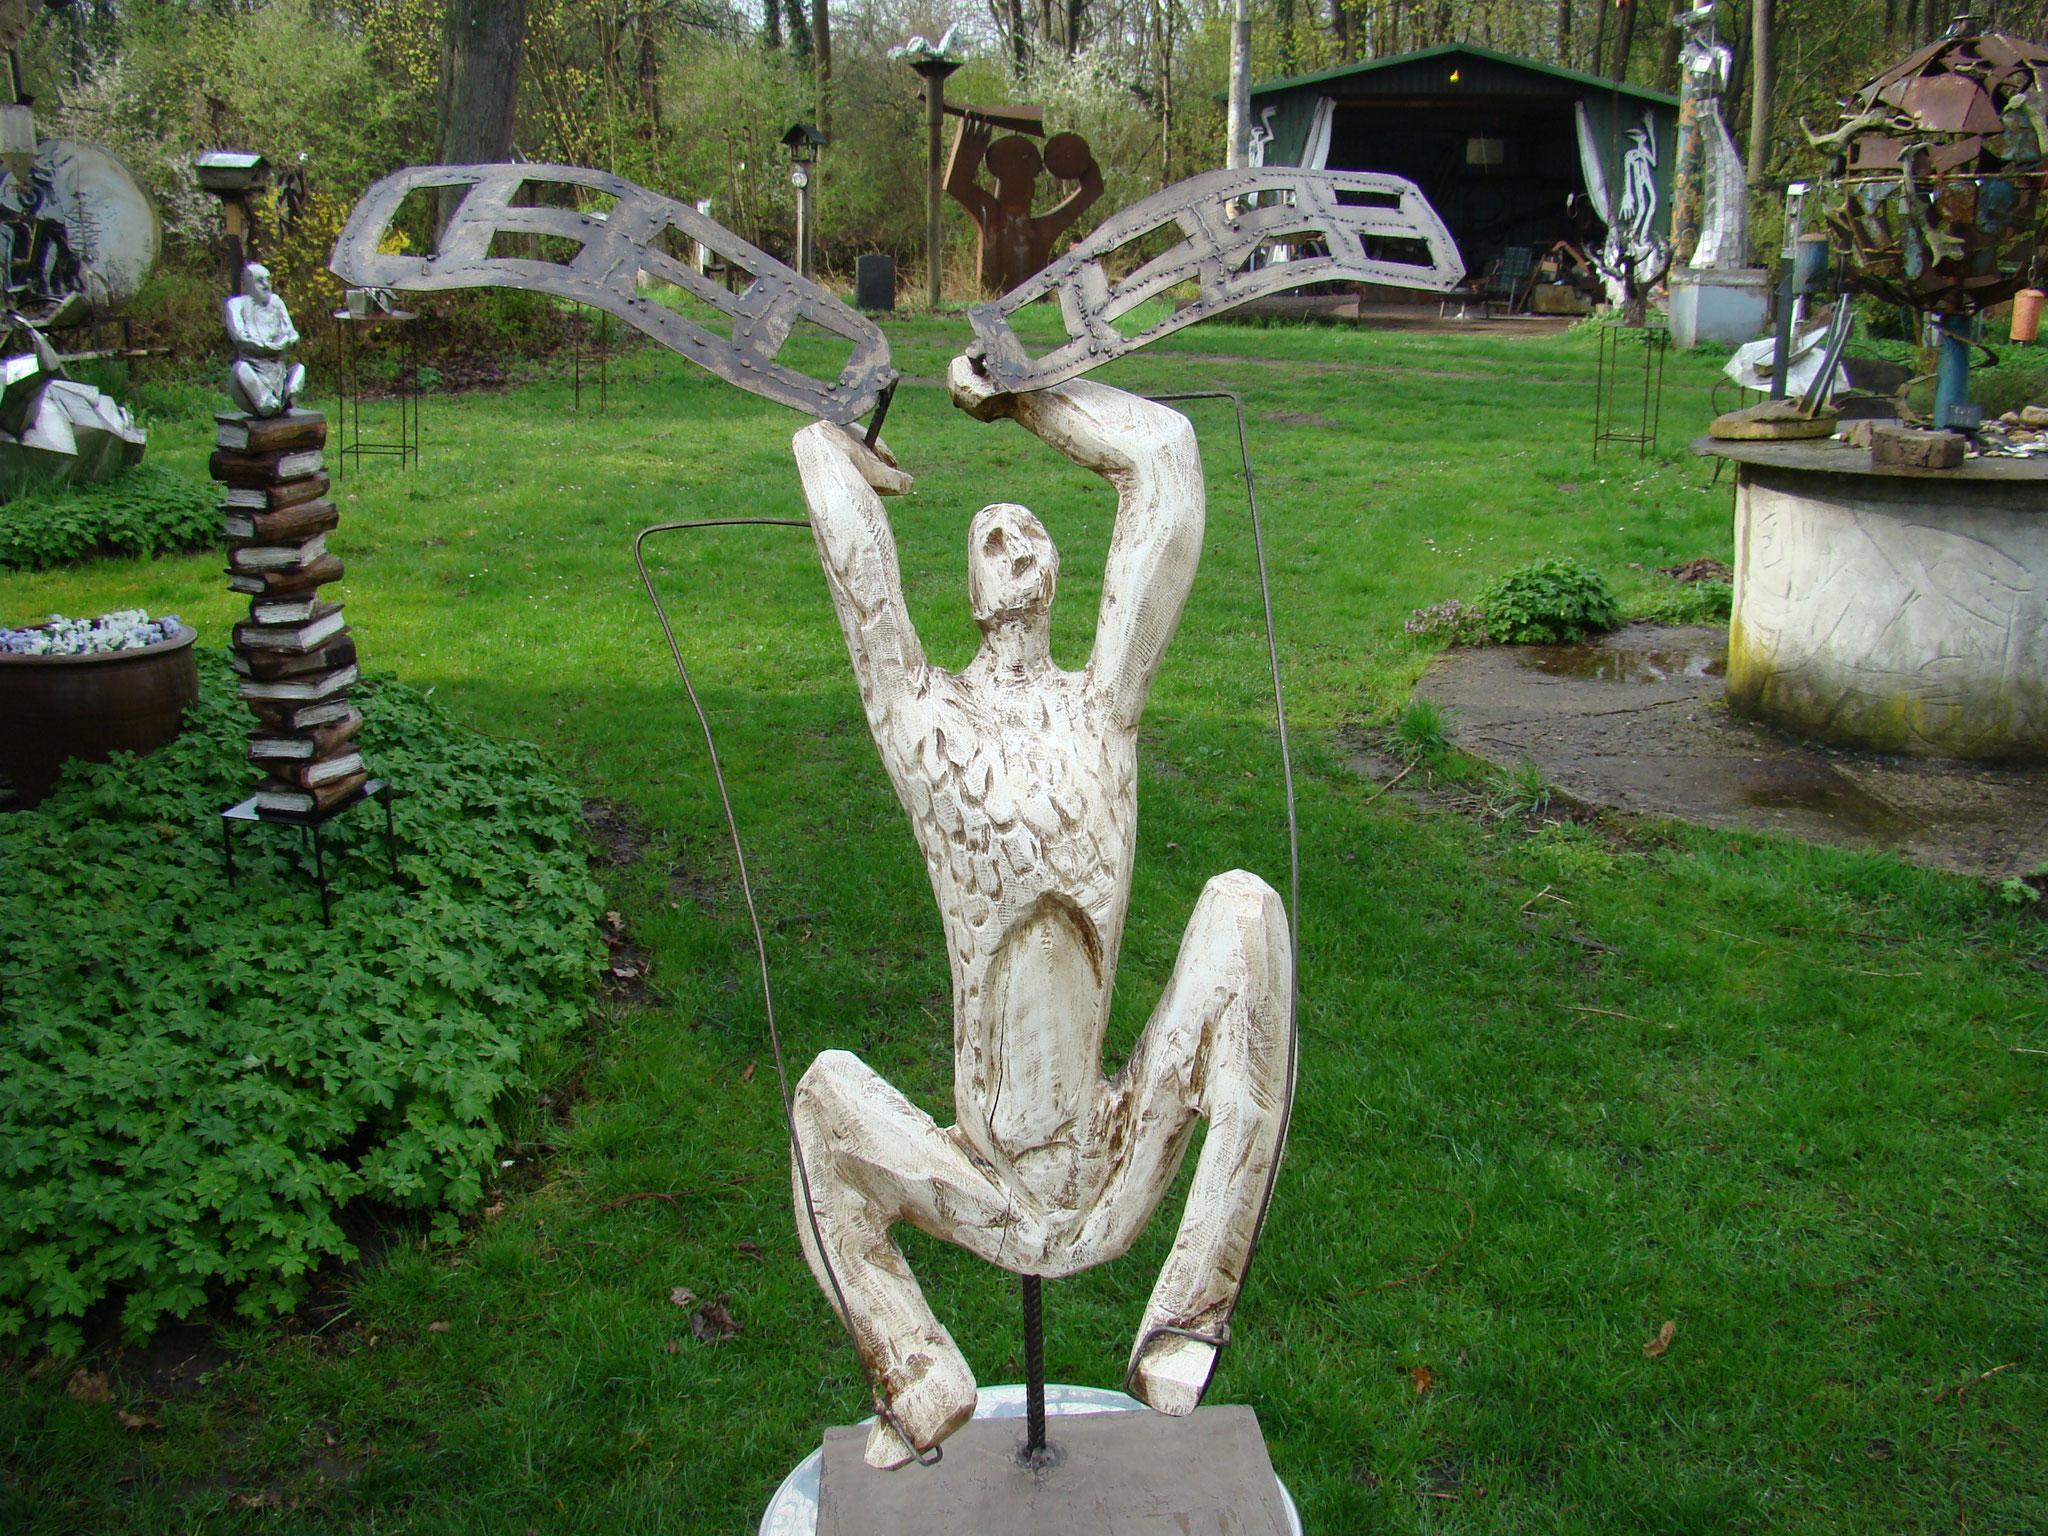 Ikarus, Eiche-Stahl, 2012, 65 x 30 x 15 cm